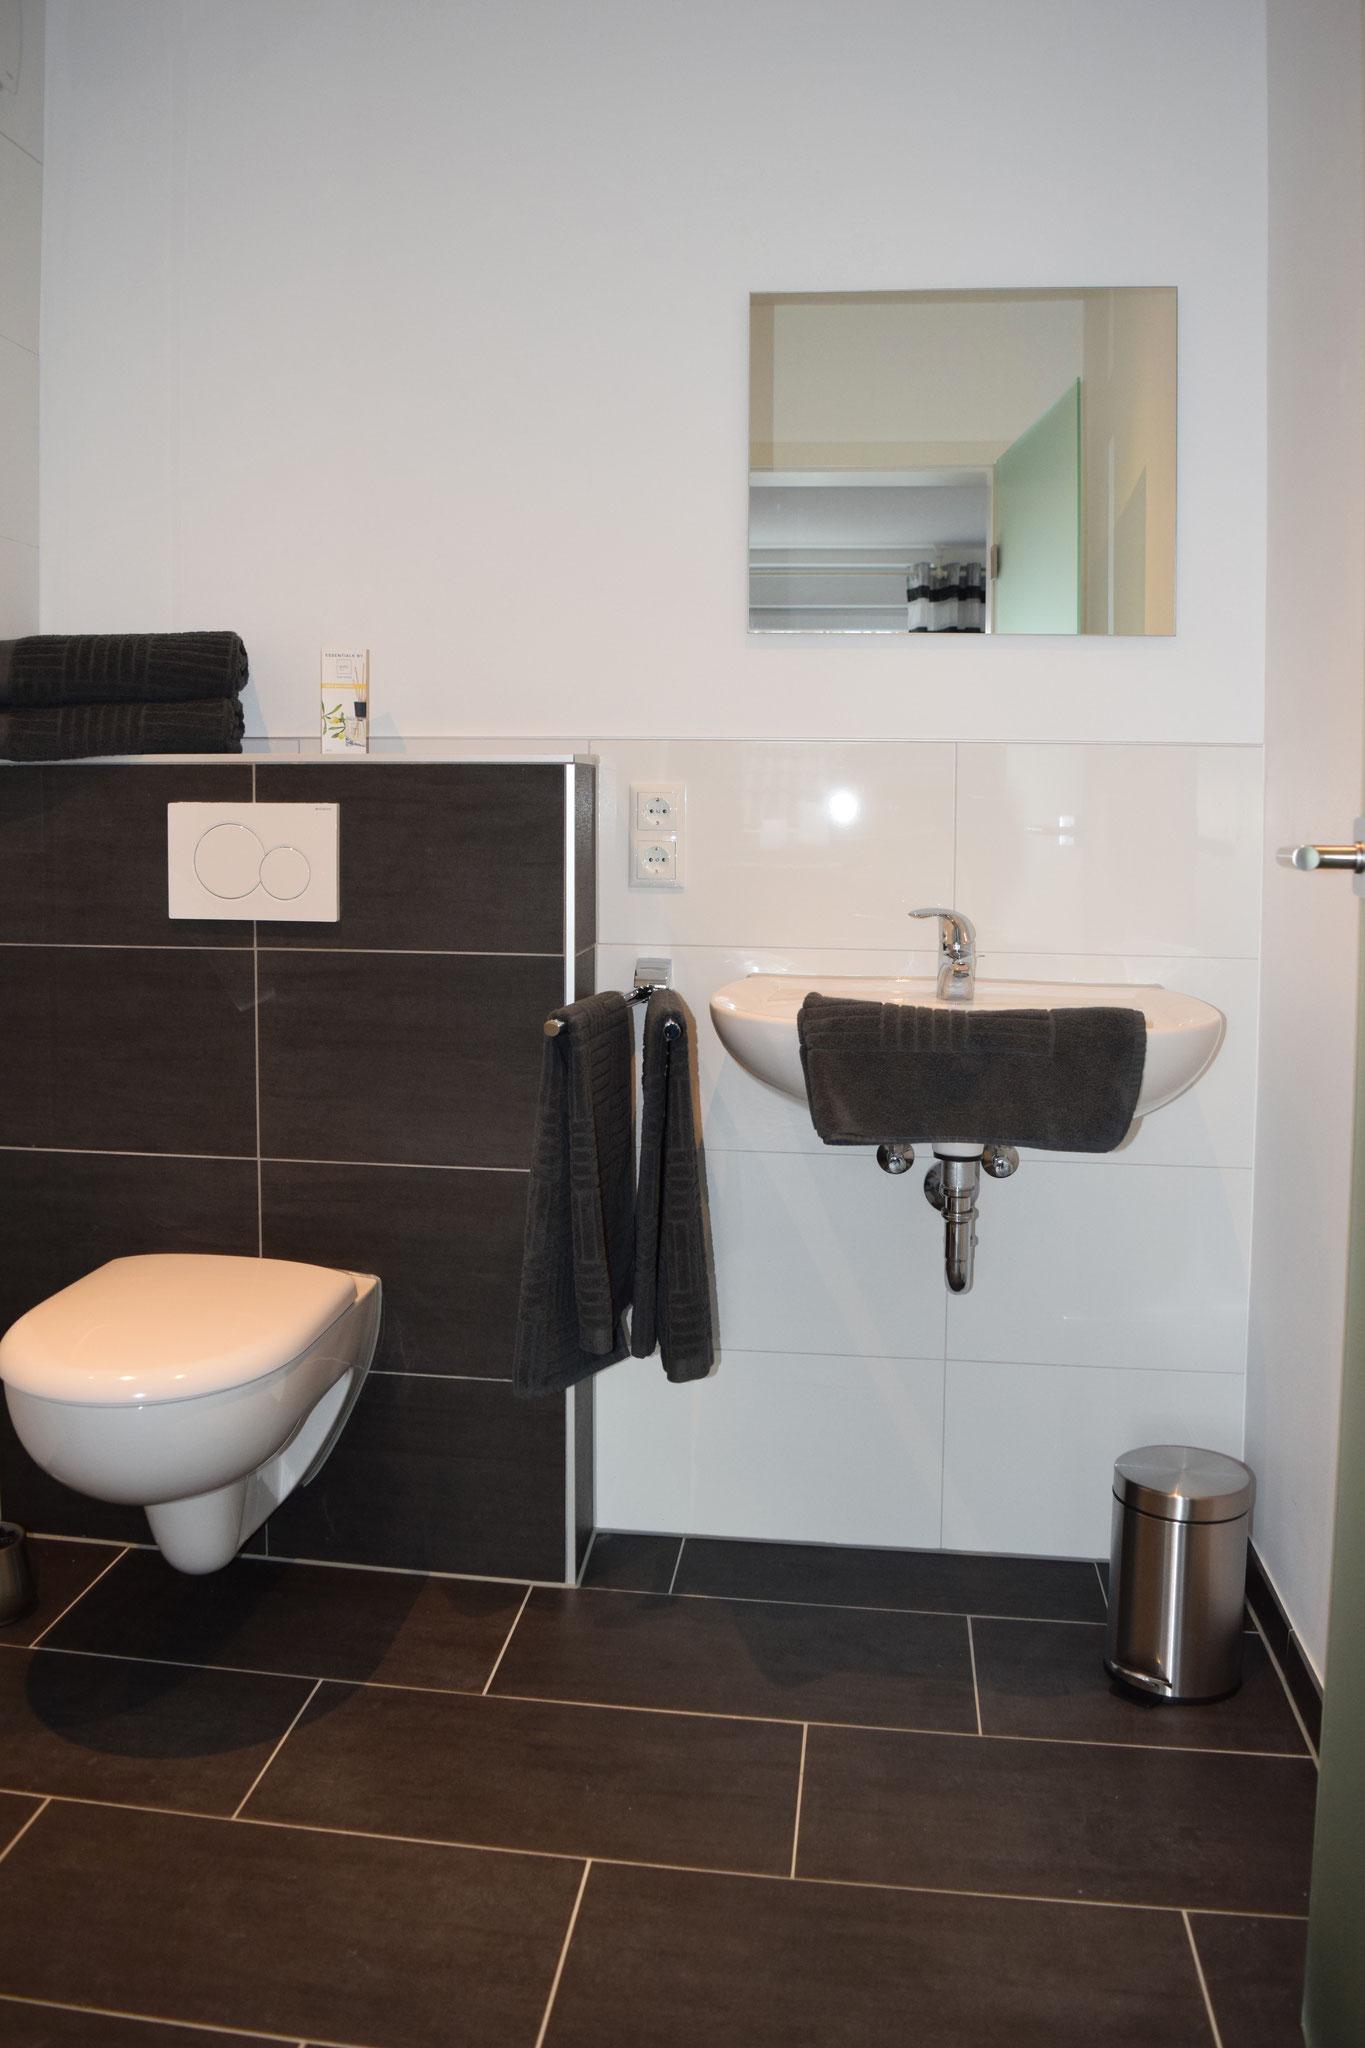 WC und Waschbecken mit Handtüchern